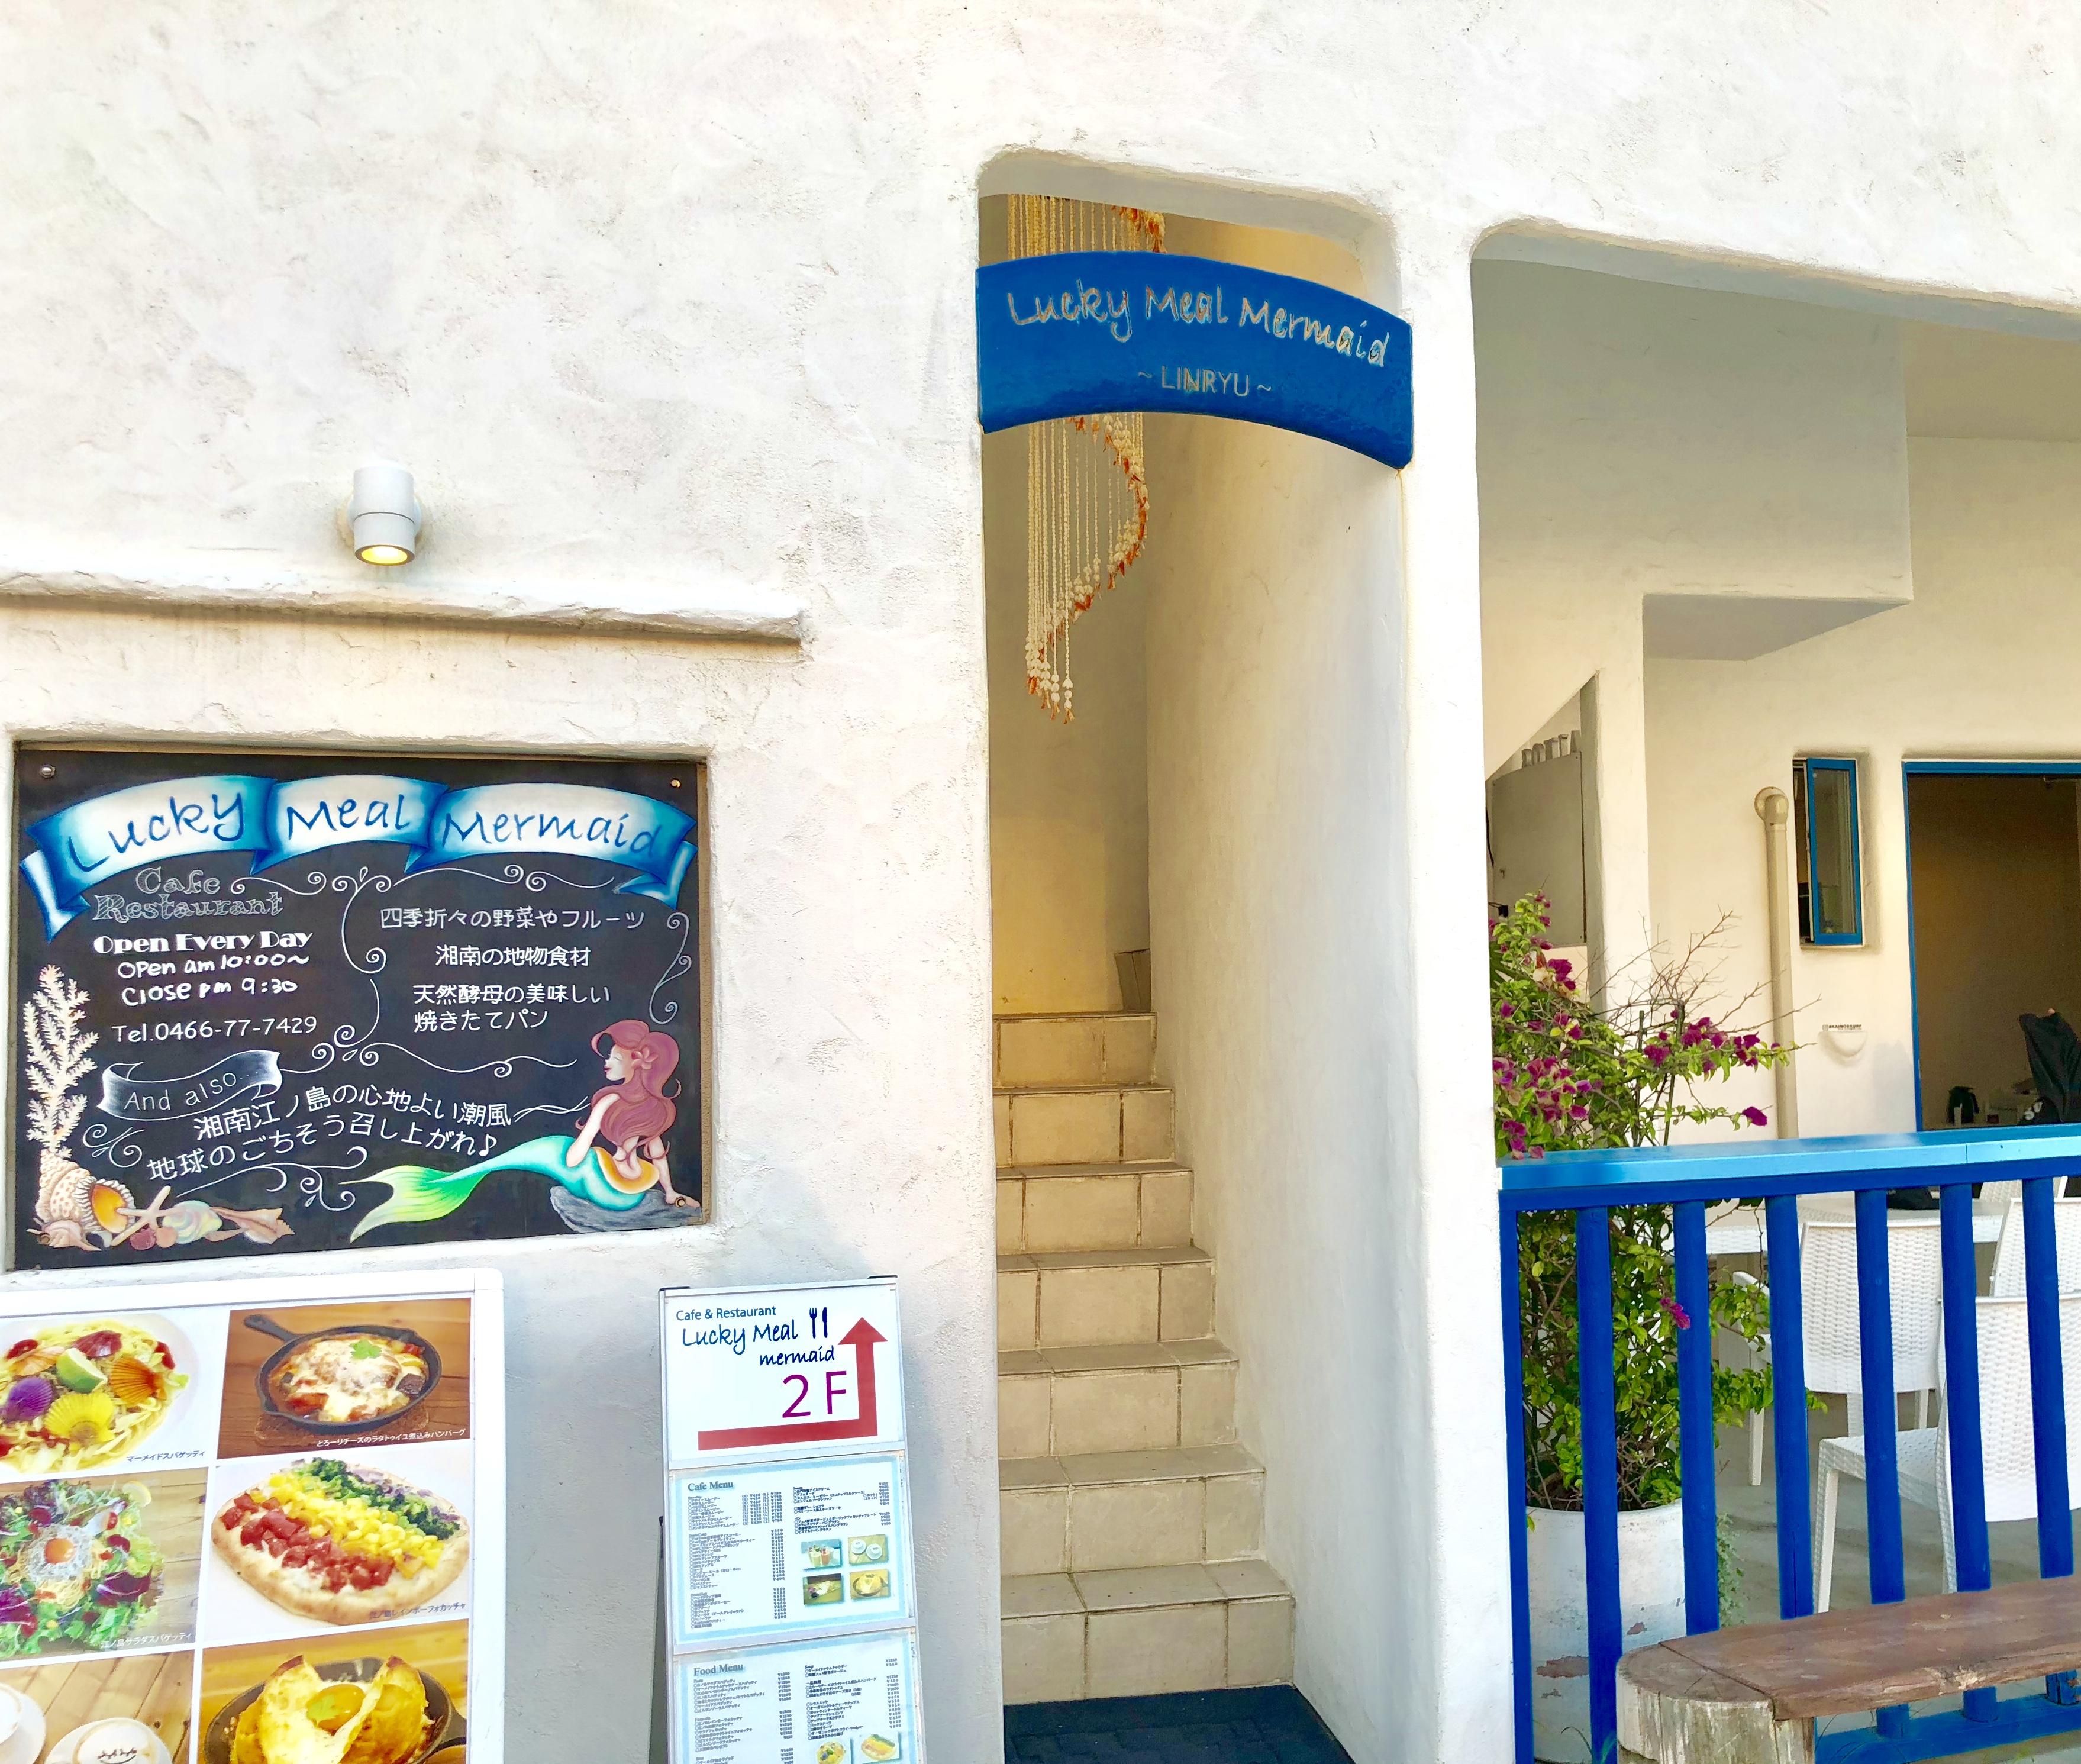 江ノ島で人気急上昇☆地中海リゾート風【Lucky Meal Mermaid】は可愛いが詰まったカフェでした!